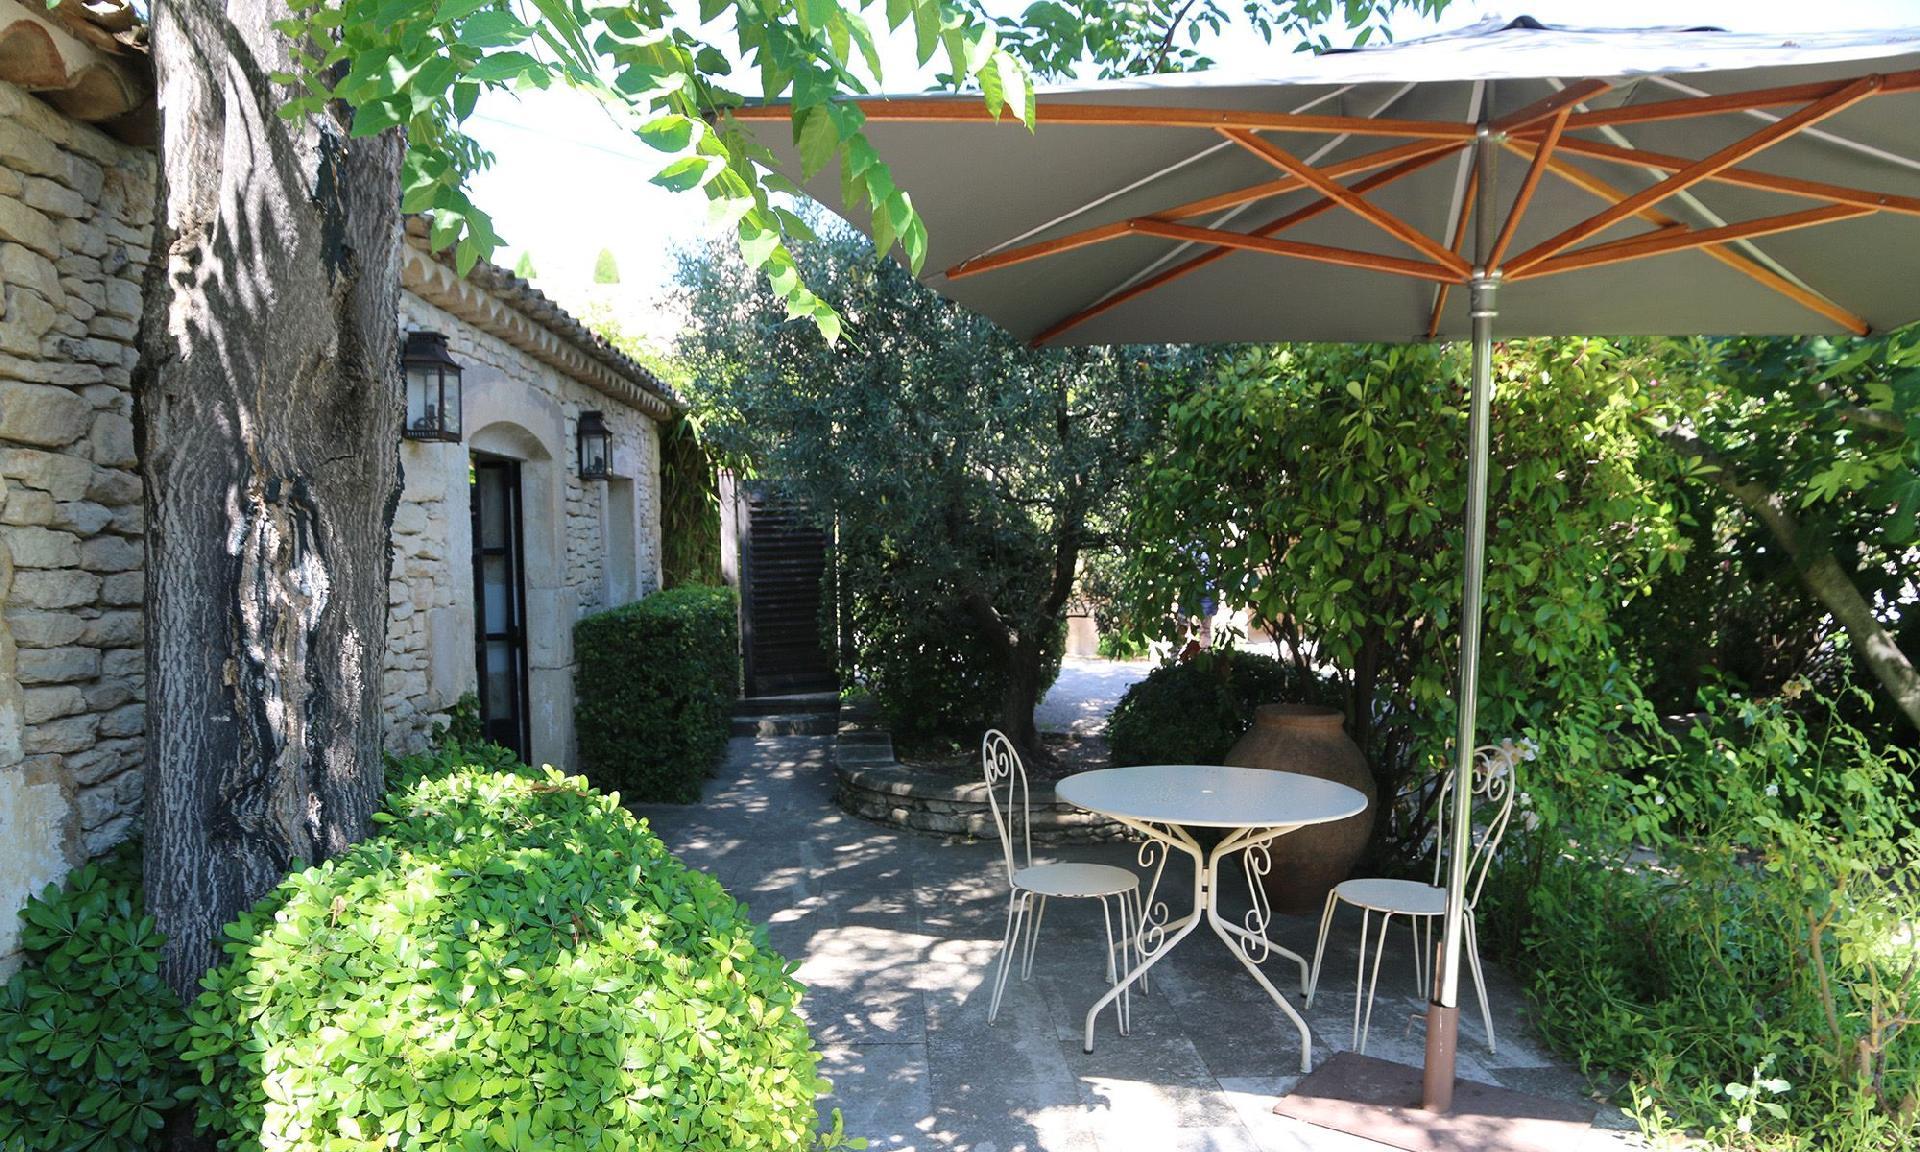 Ferienhaus für 2 Personen ca. 40 m² in G  in Frankreich